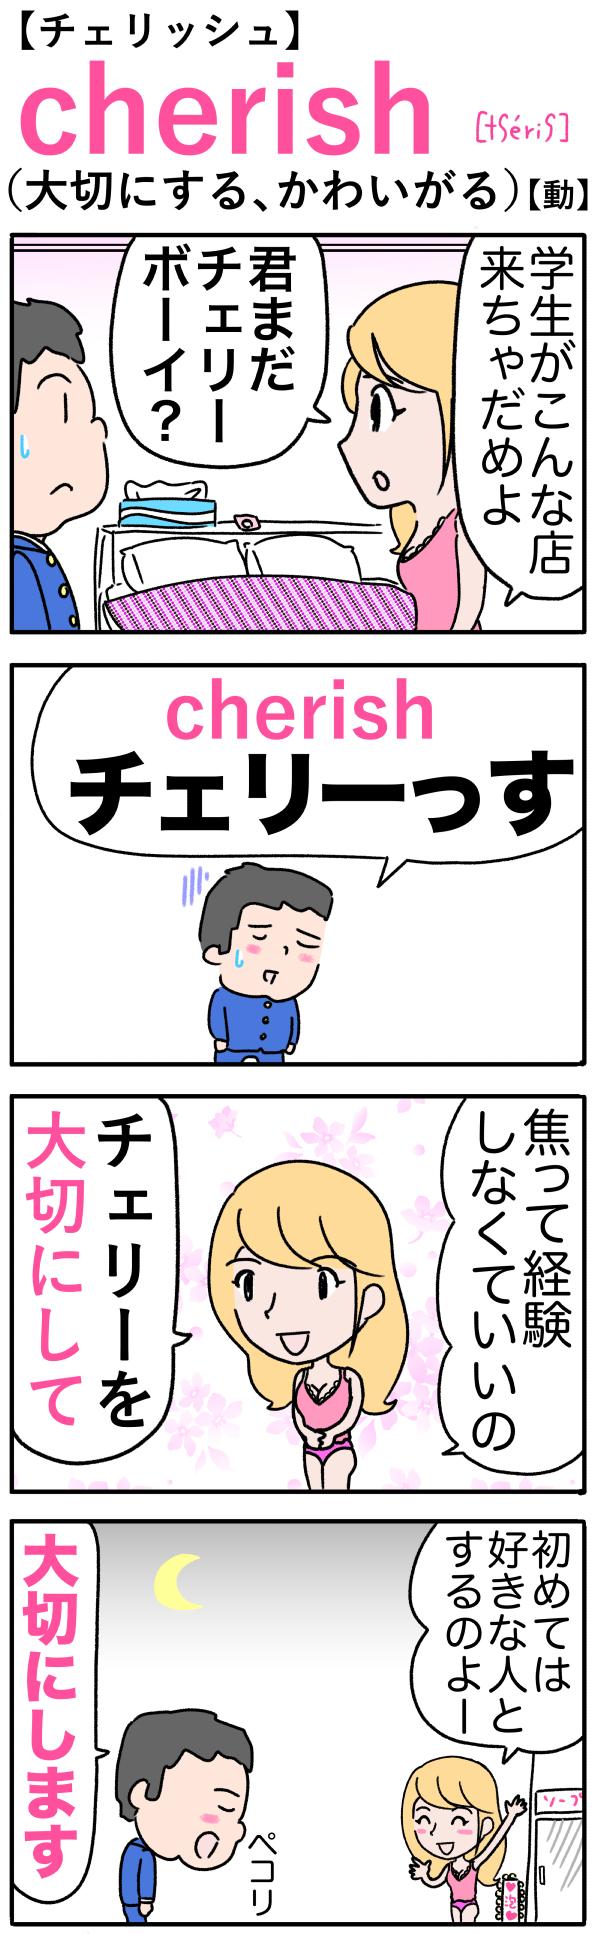 cherish(大切にする)の語呂合わせ英単語